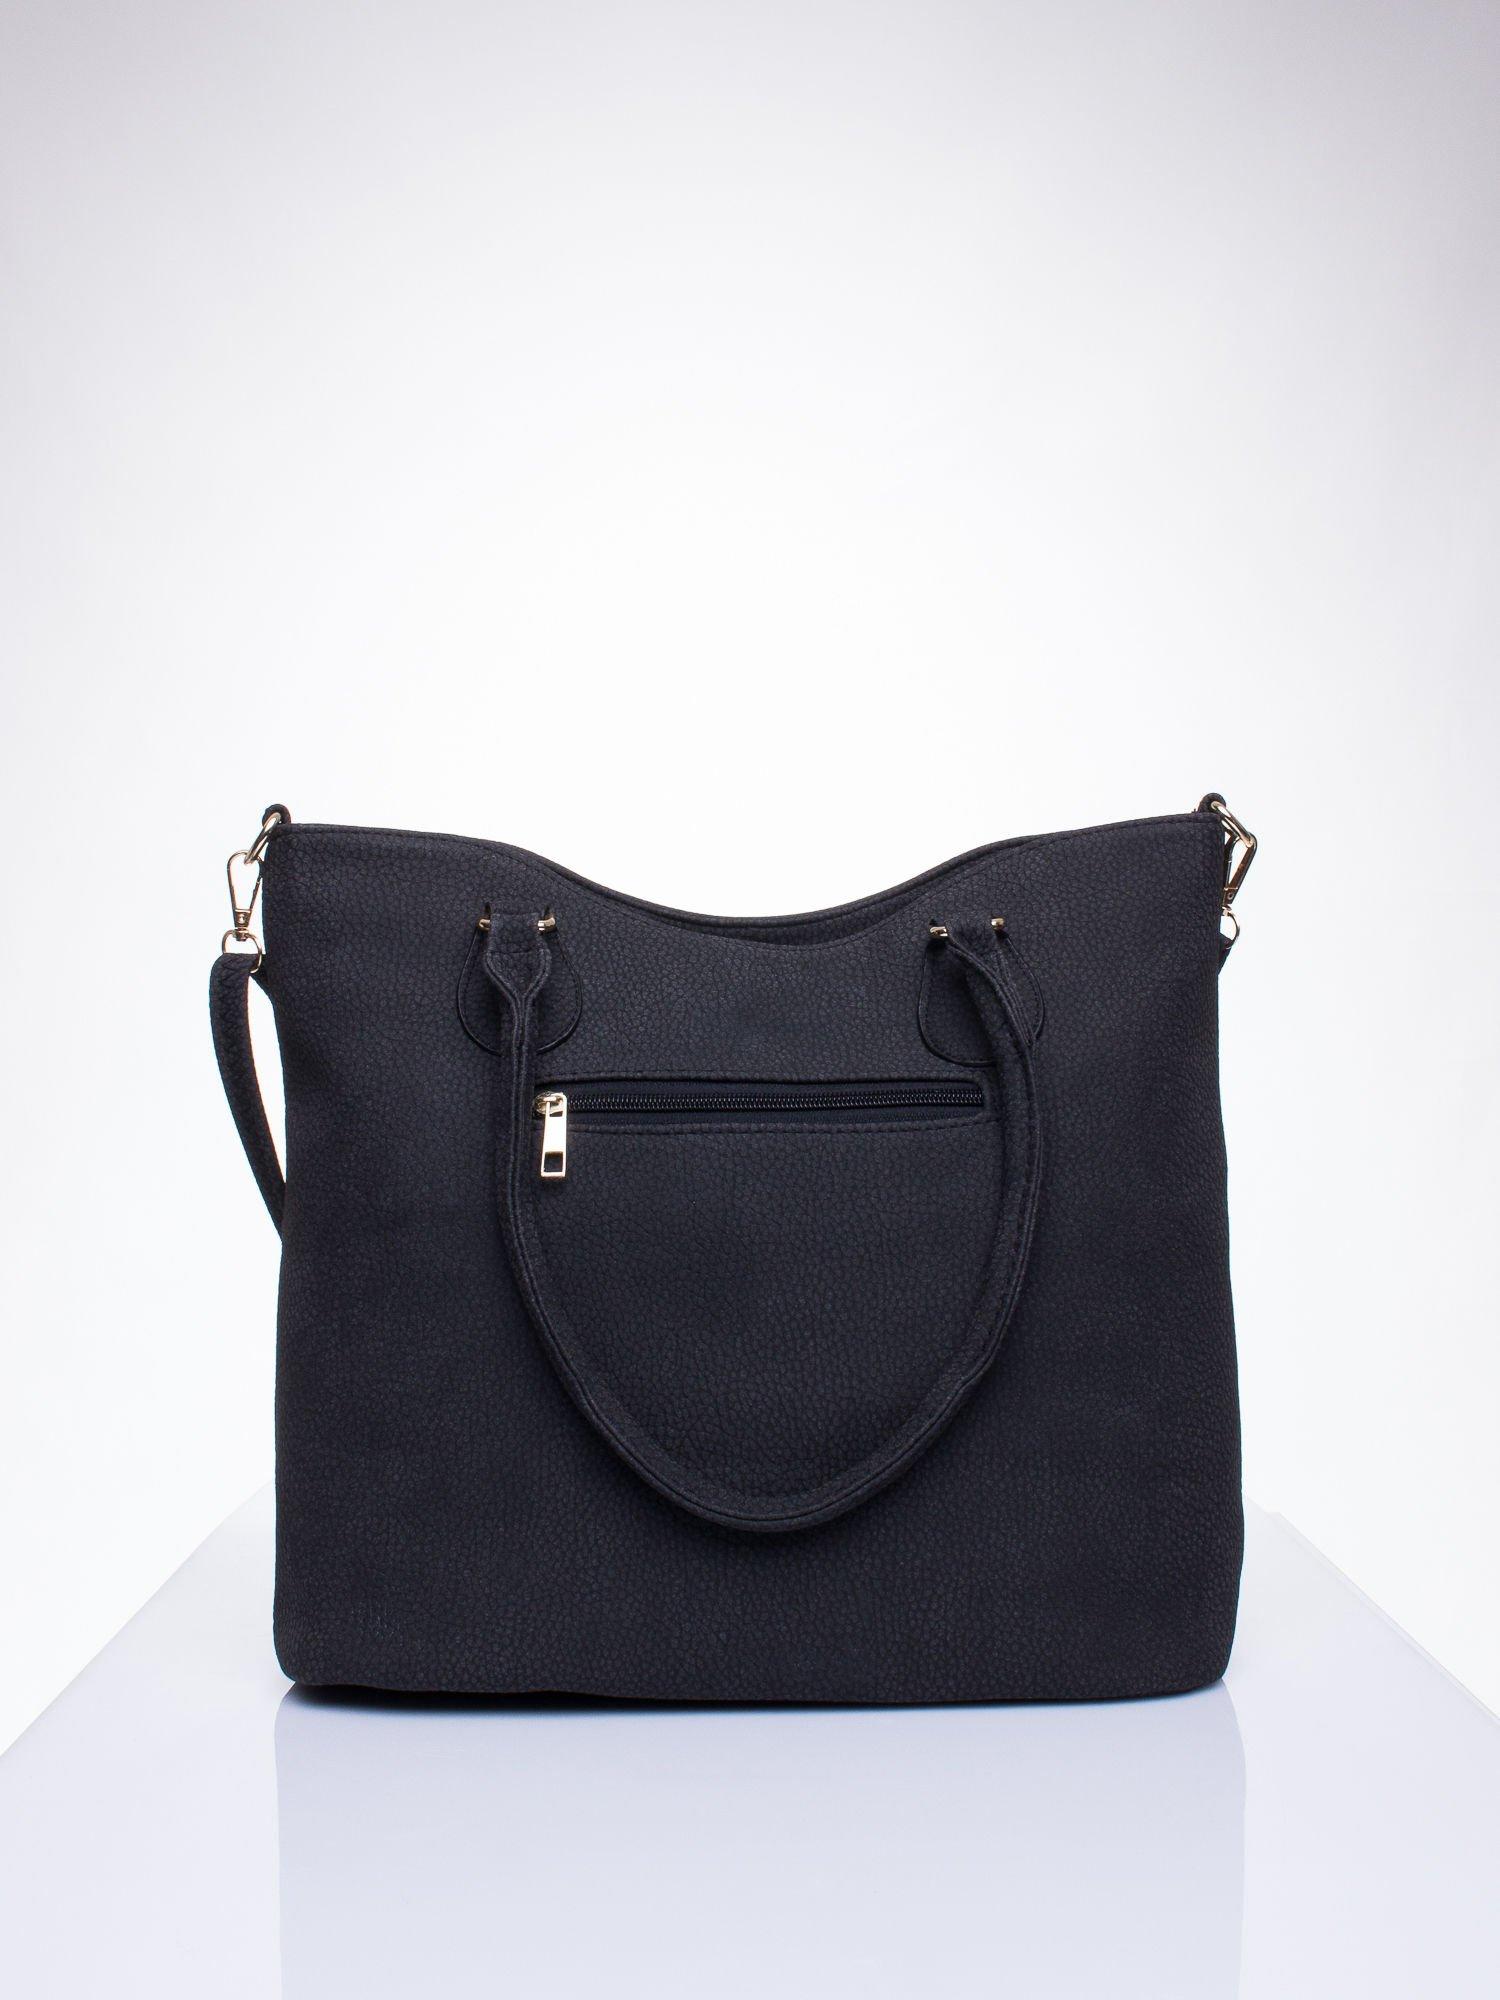 Czarna torba shopper bag ze złotymi okuciami przy rączkach                                  zdj.                                  3